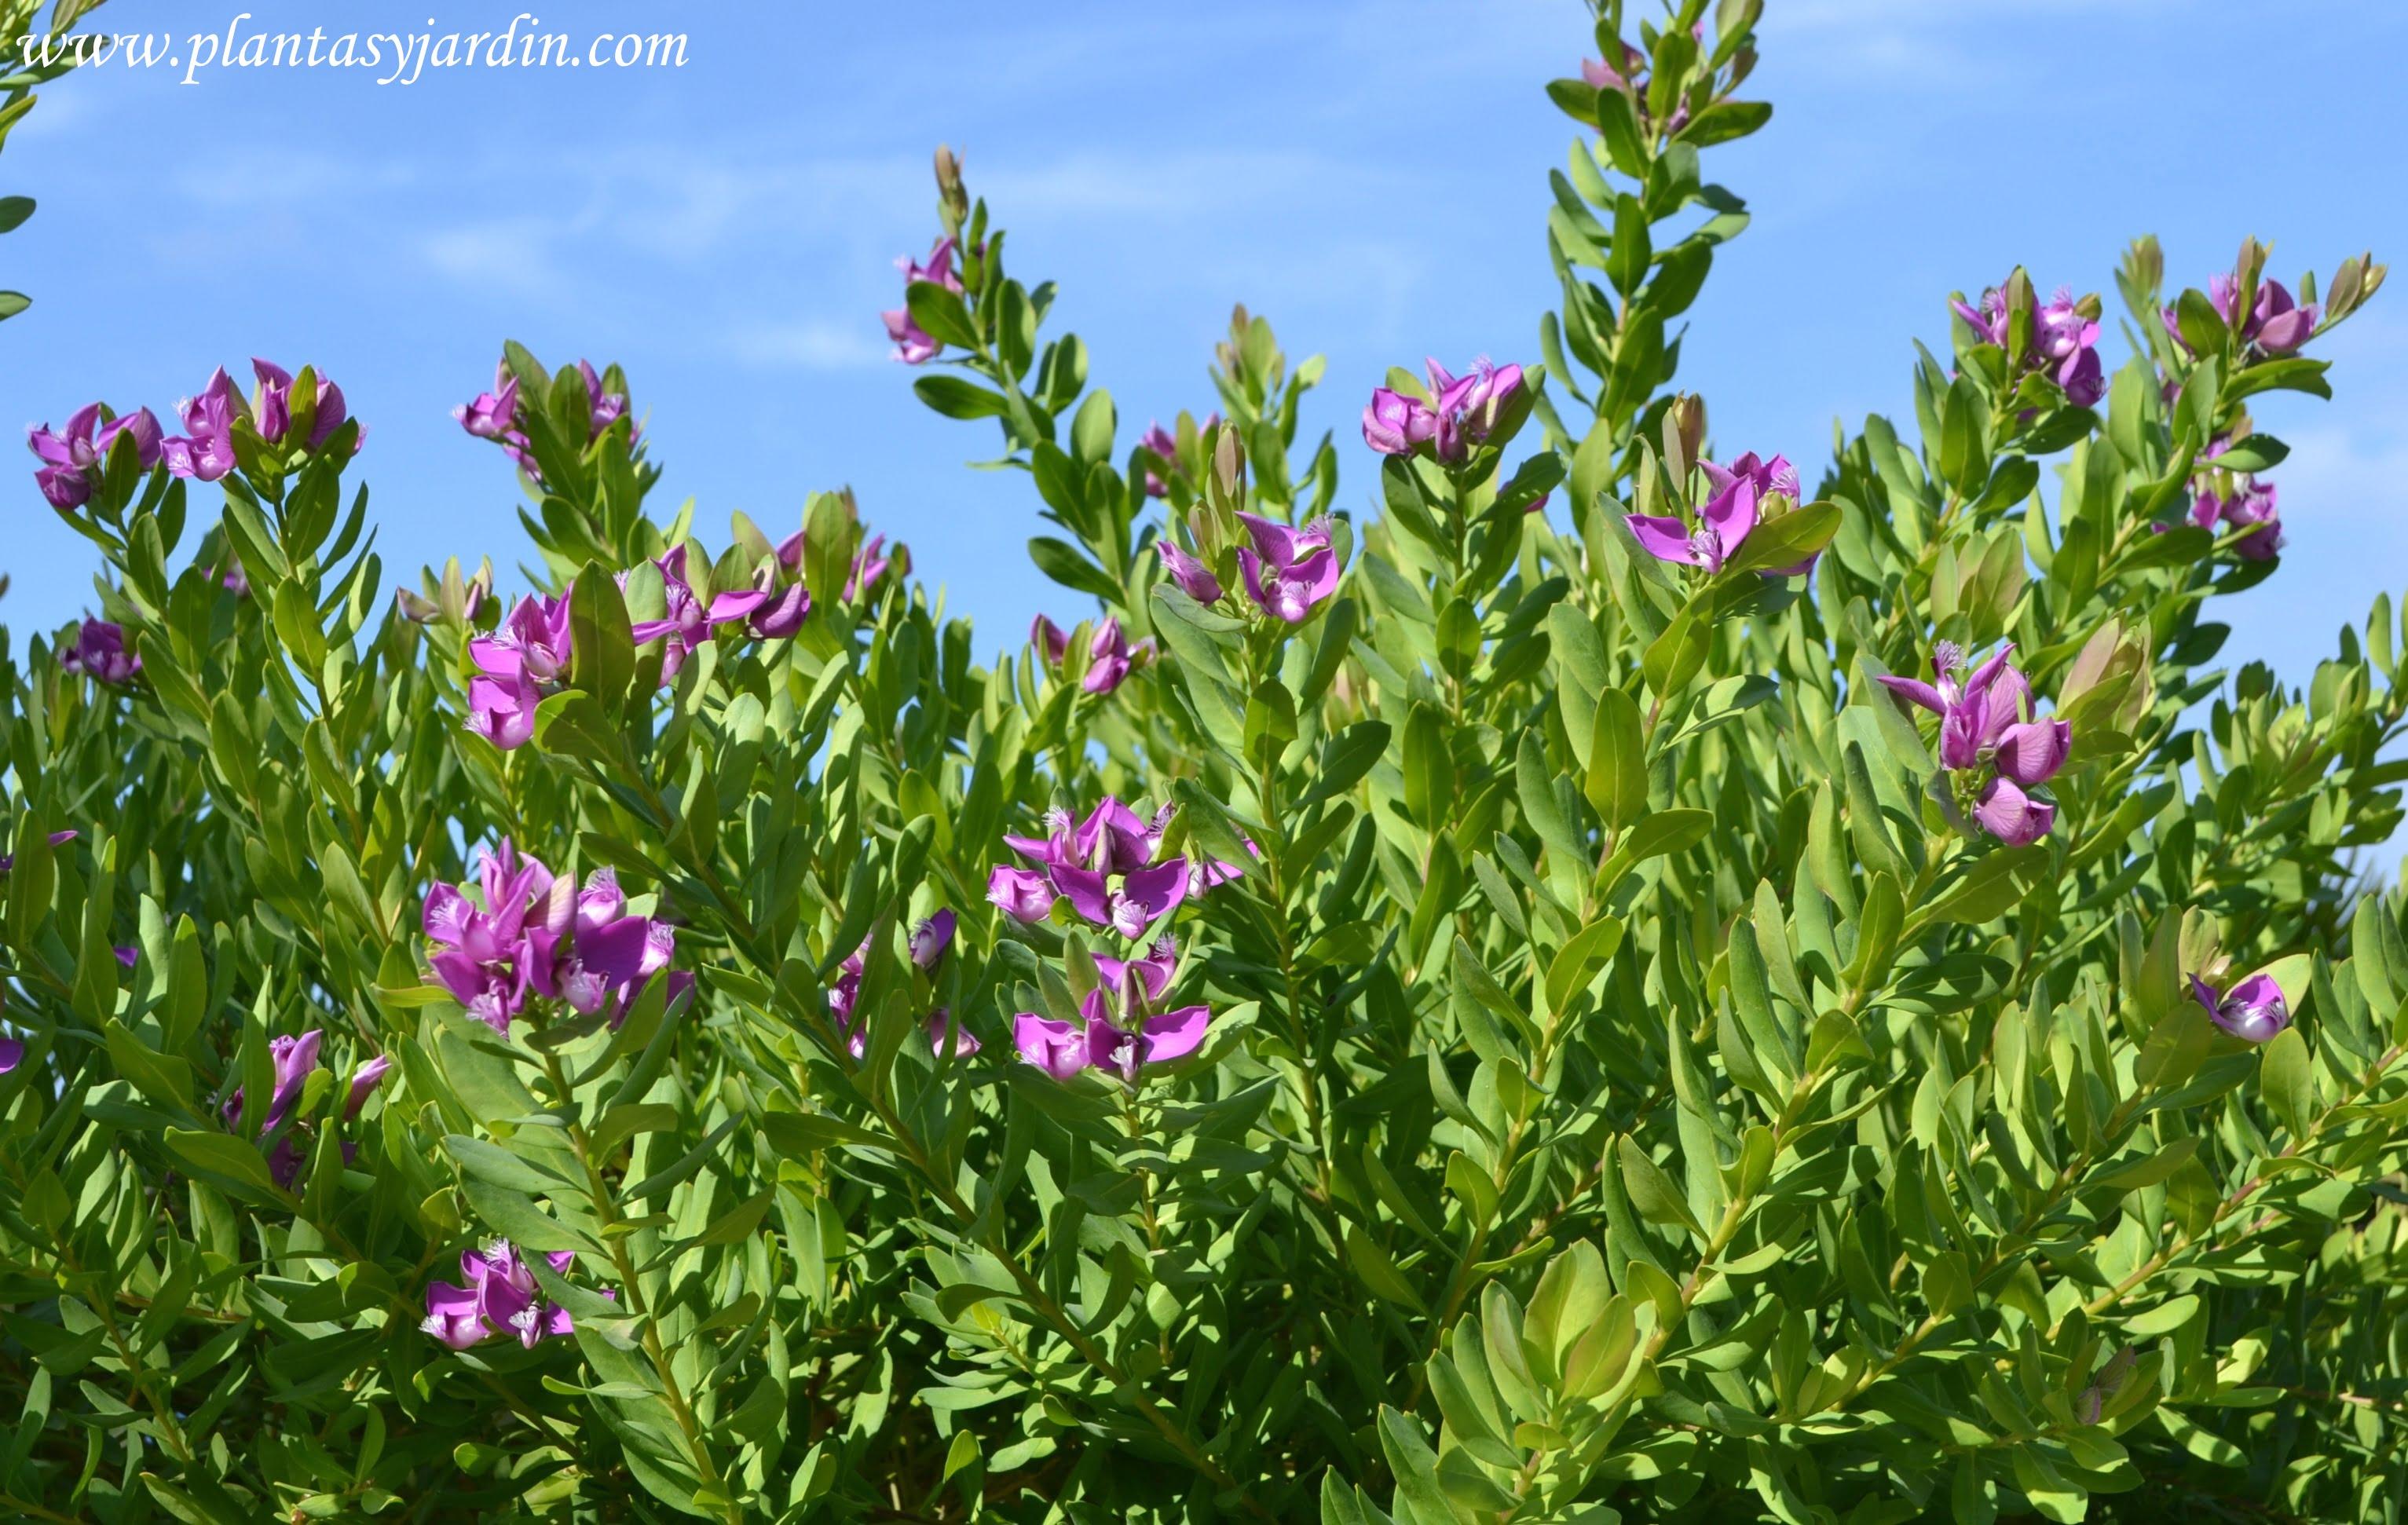 especies para cortinas rompe vientos  Plantas y Jardn